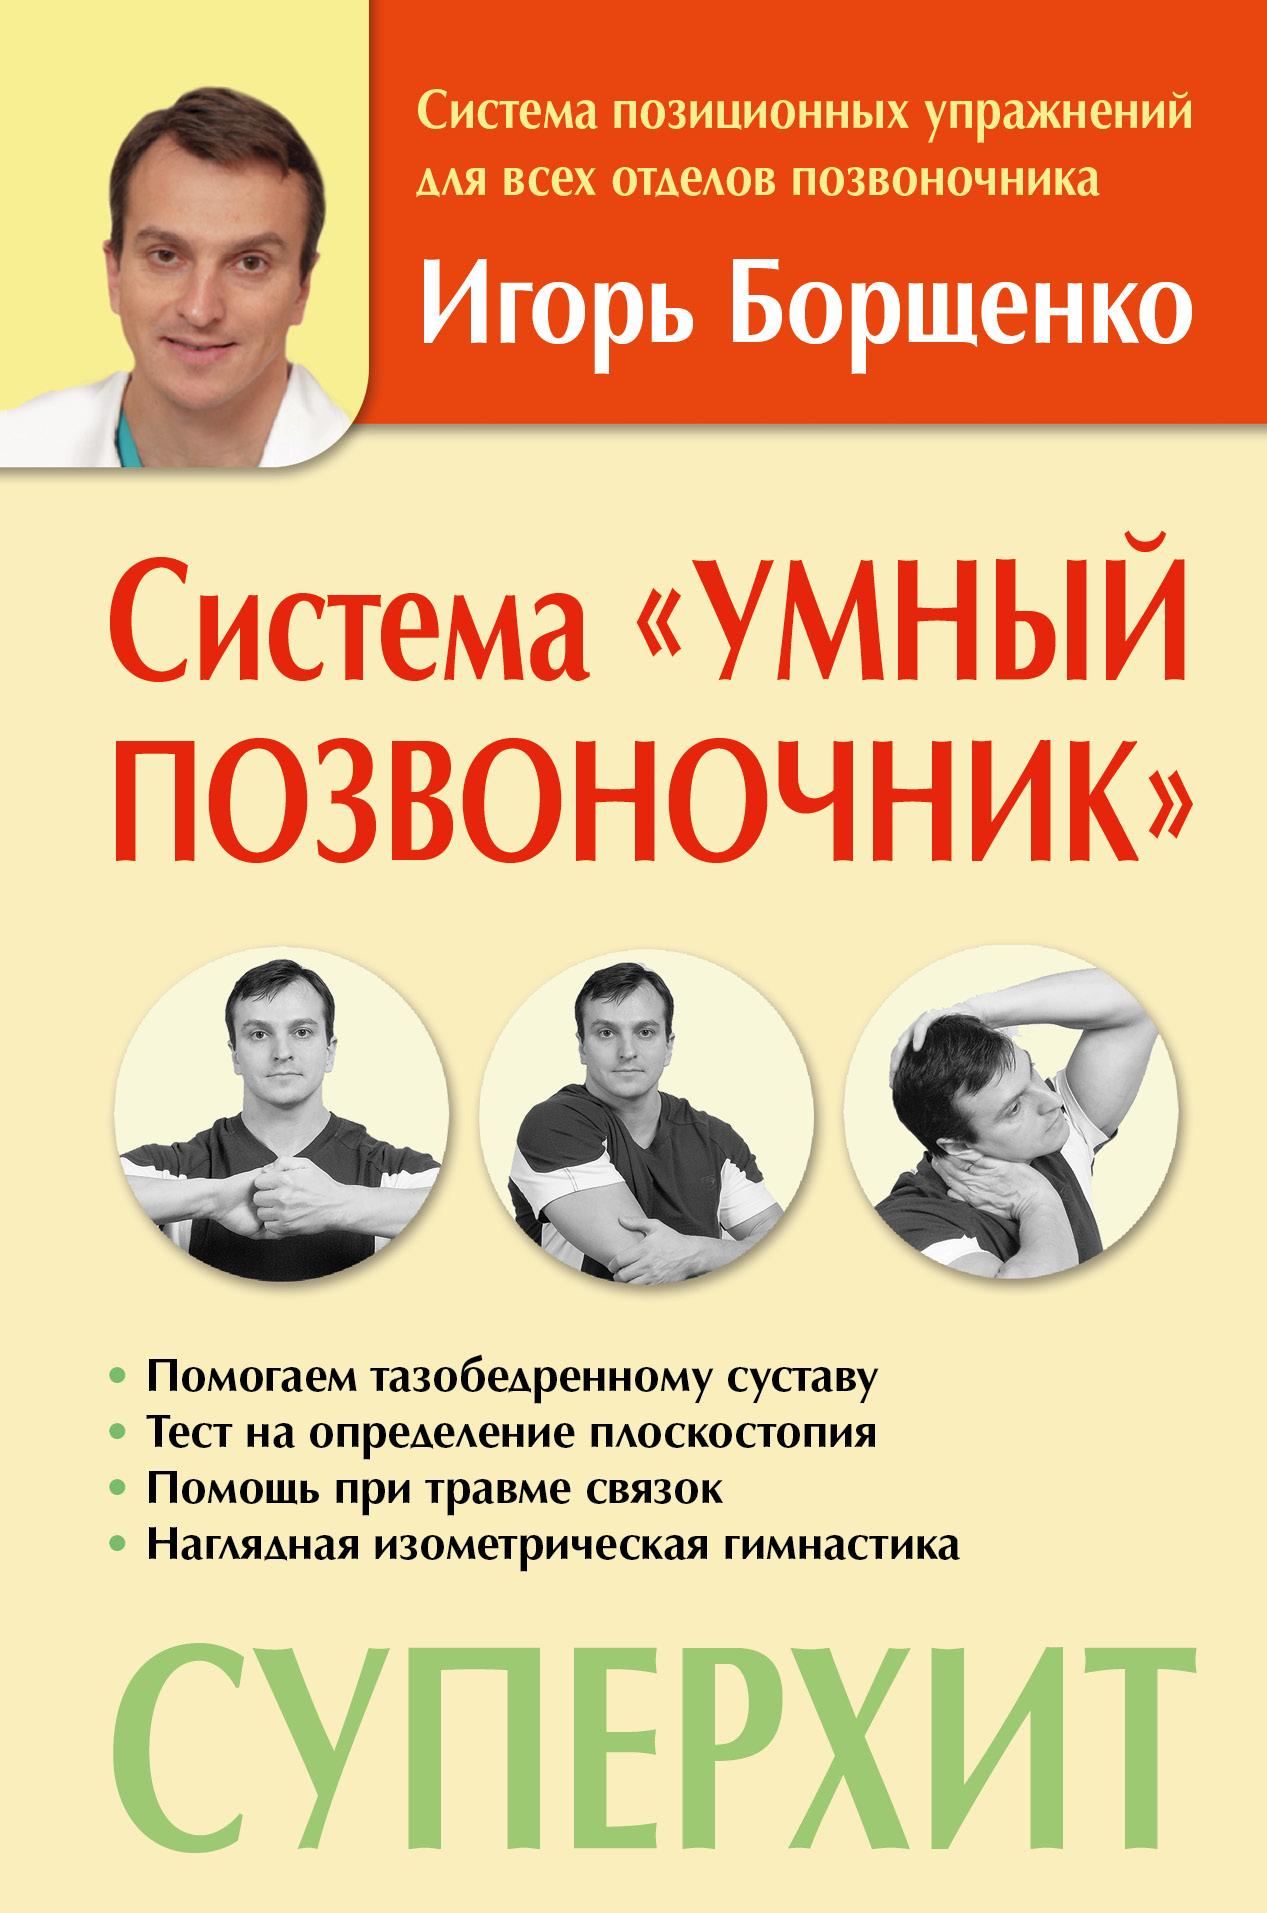 Борщенко И.А. Система «Умный позвоночник» лечебная гимнастика для позвоночника